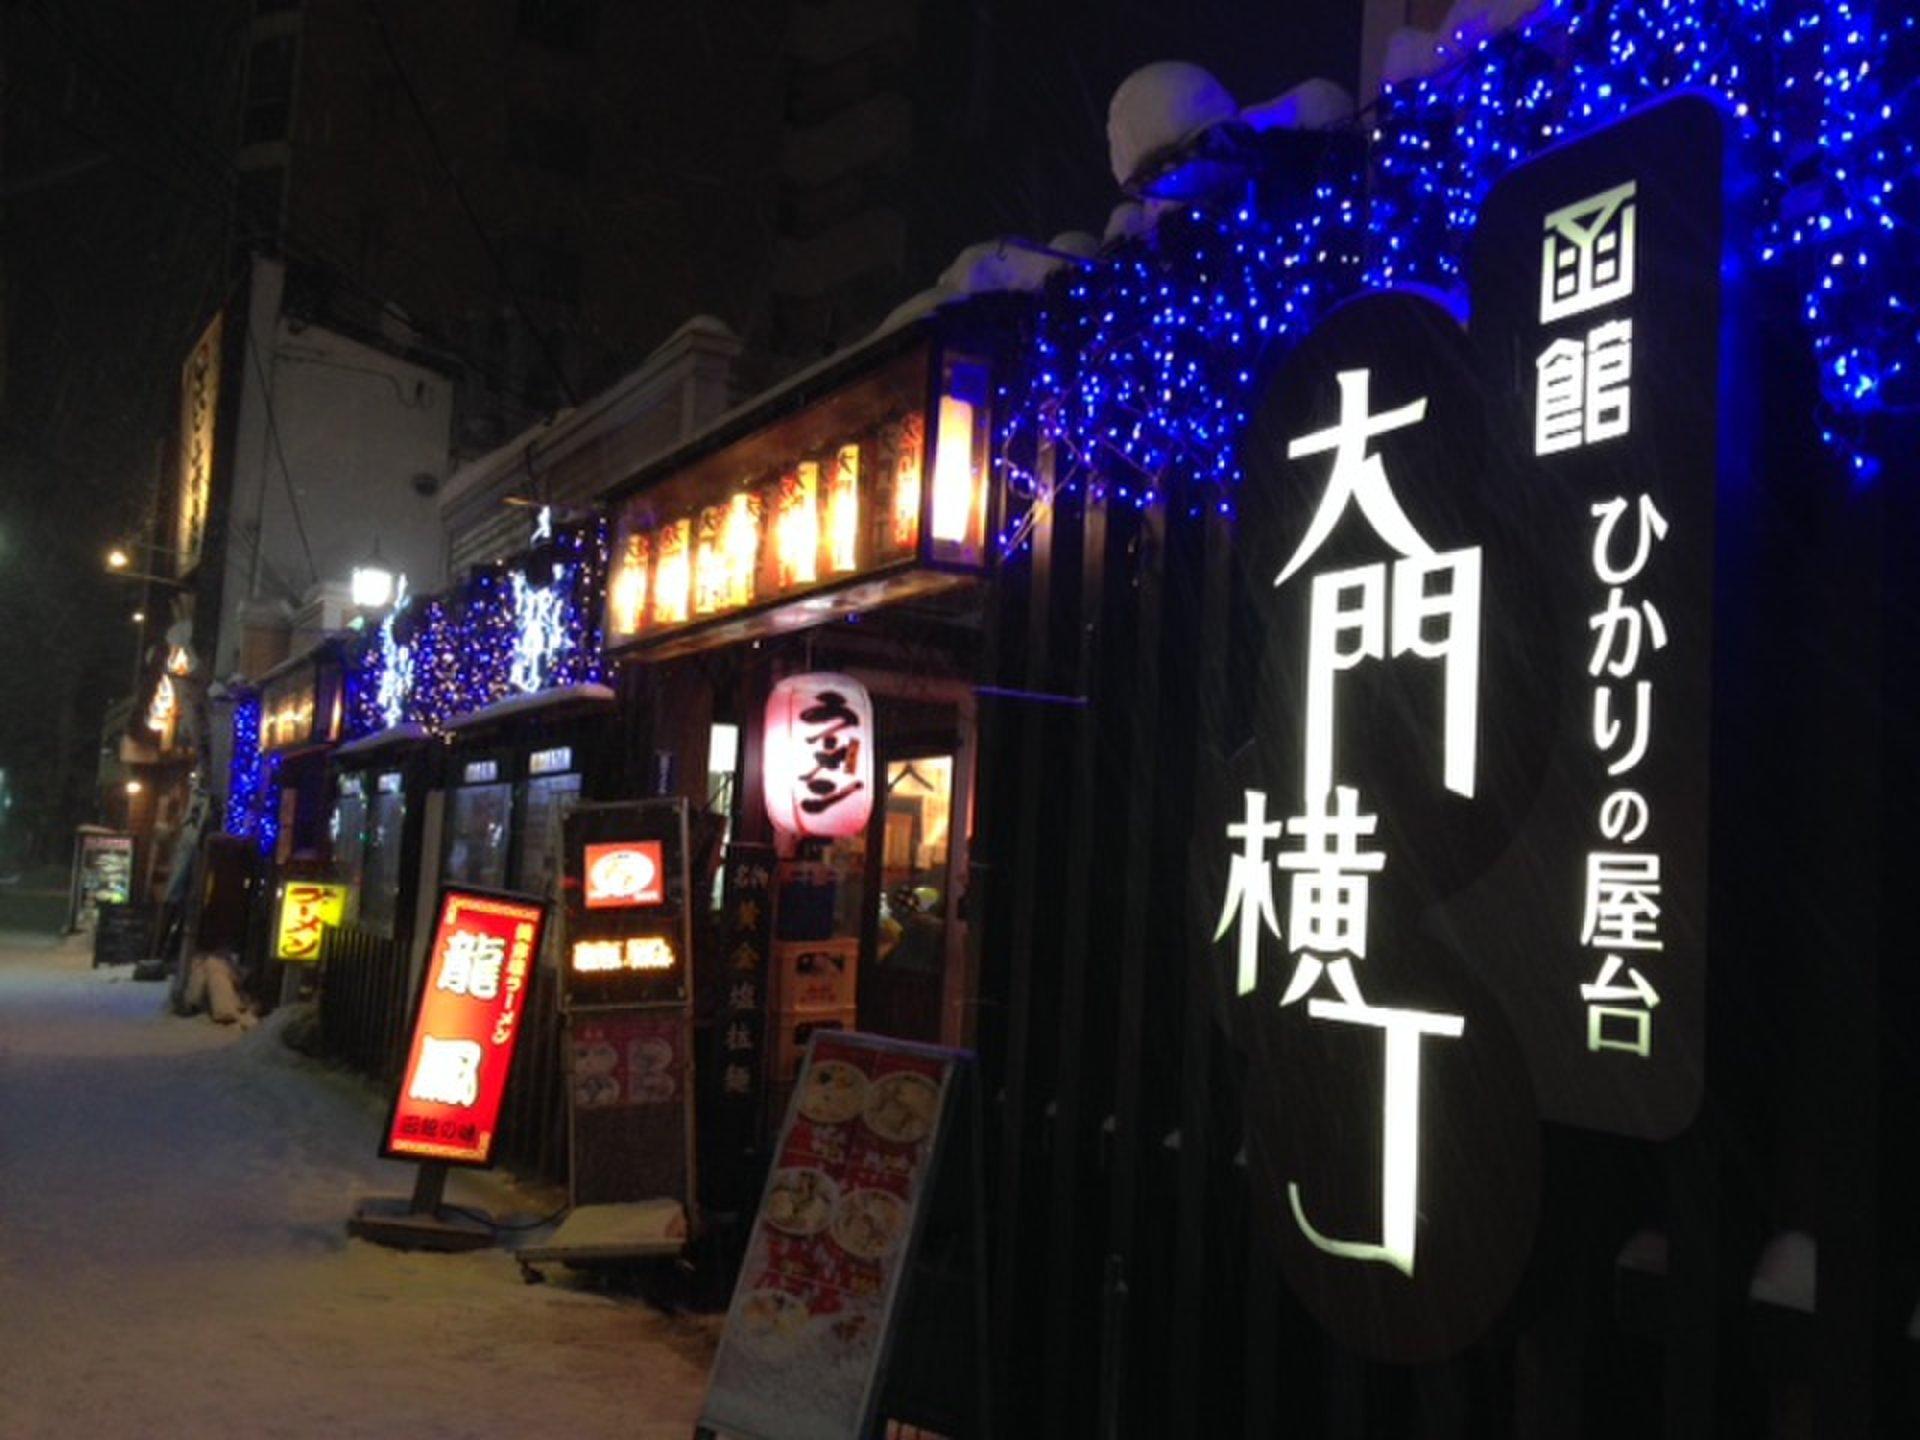 【函館】幅広いジャンルでグルメ好きも大満足!地元客との会話も楽しい♪函館ひかりの屋台「大門横丁」